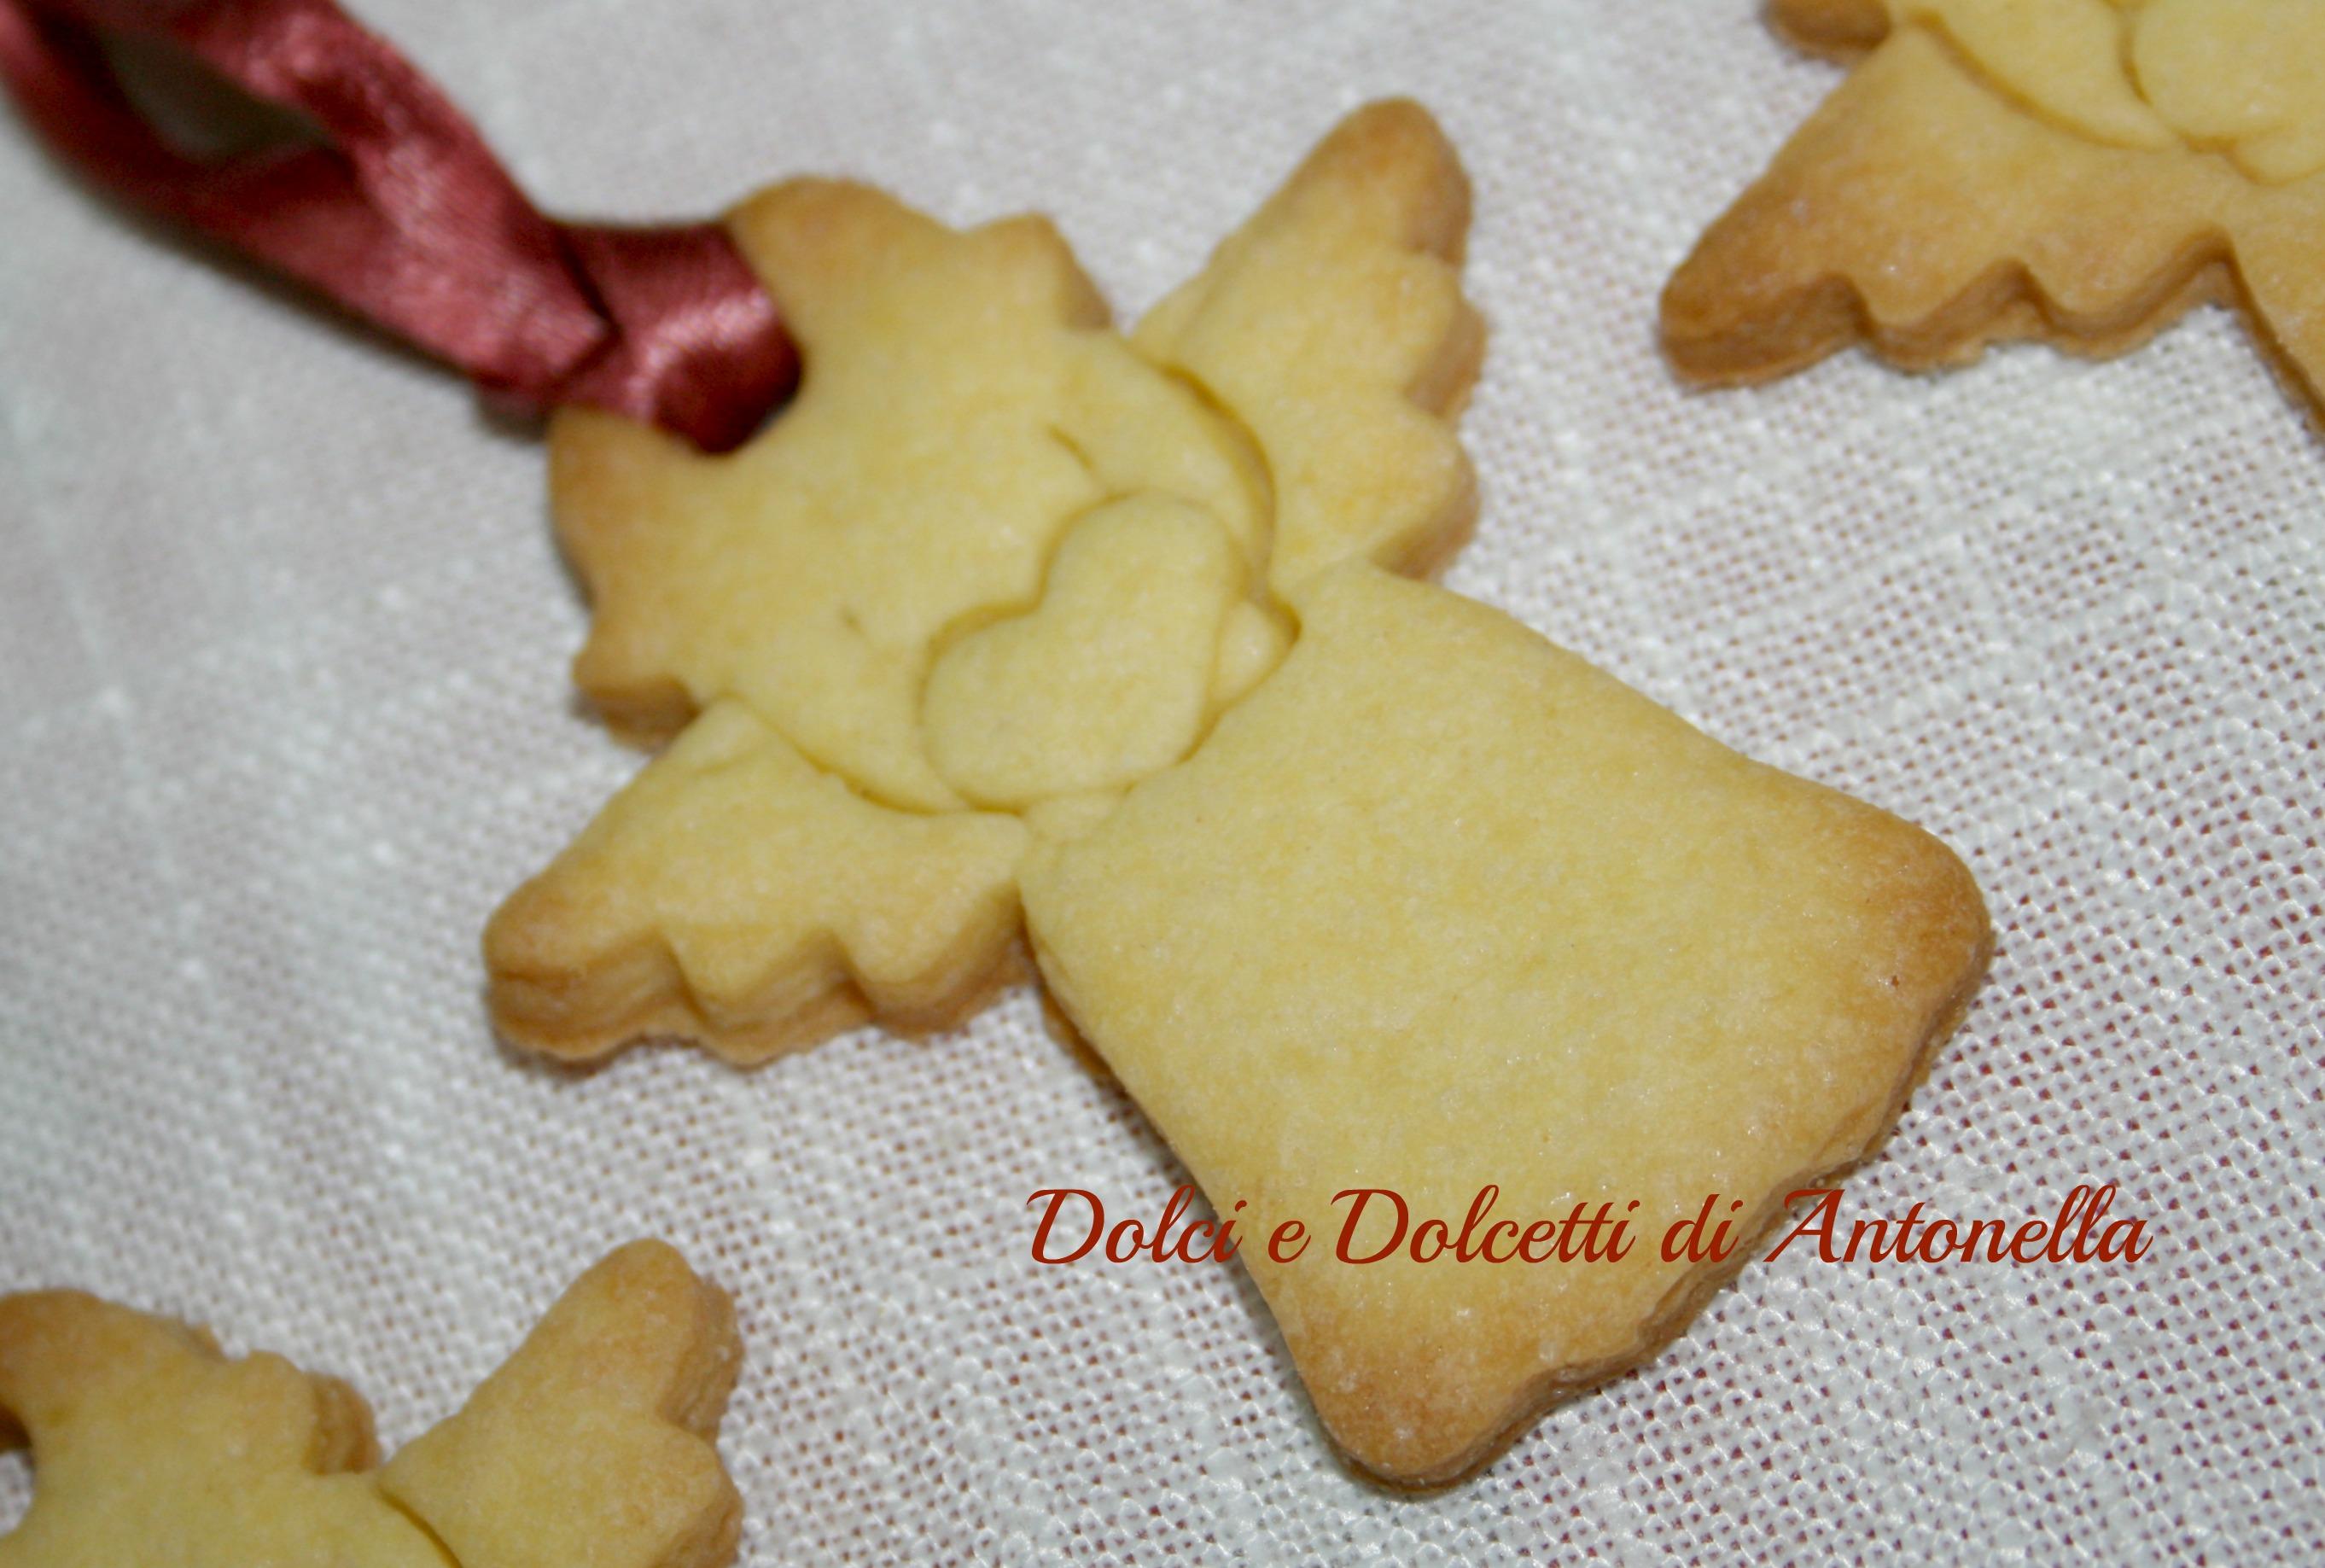 Biscotti Decorati Per Albero Di Natale.Ricetta Biscotti Per Decorazioni Albero Di Natale Dolci E Dolcetti